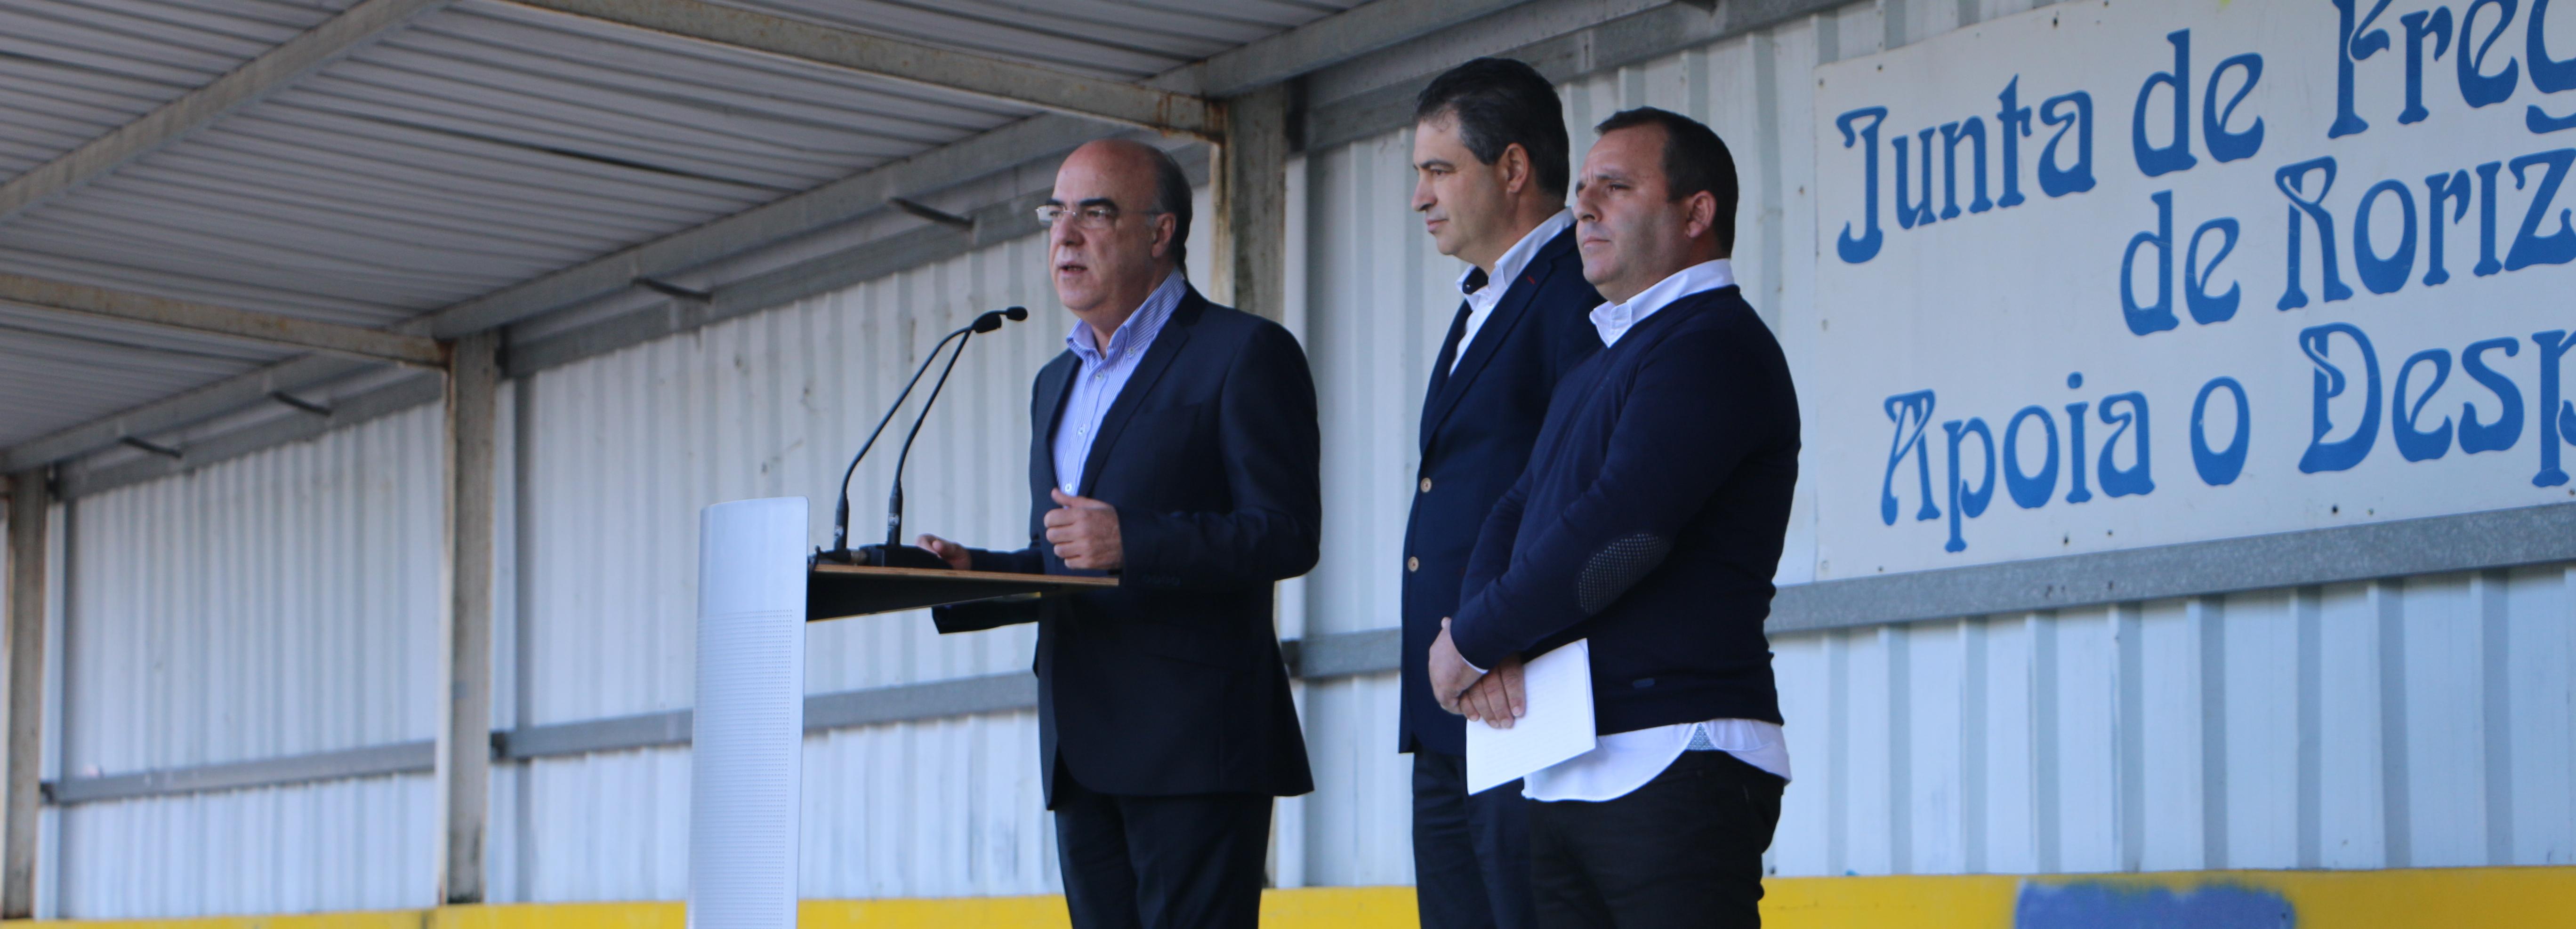 Futebol Clube de Roriz vai receber relvado sintético